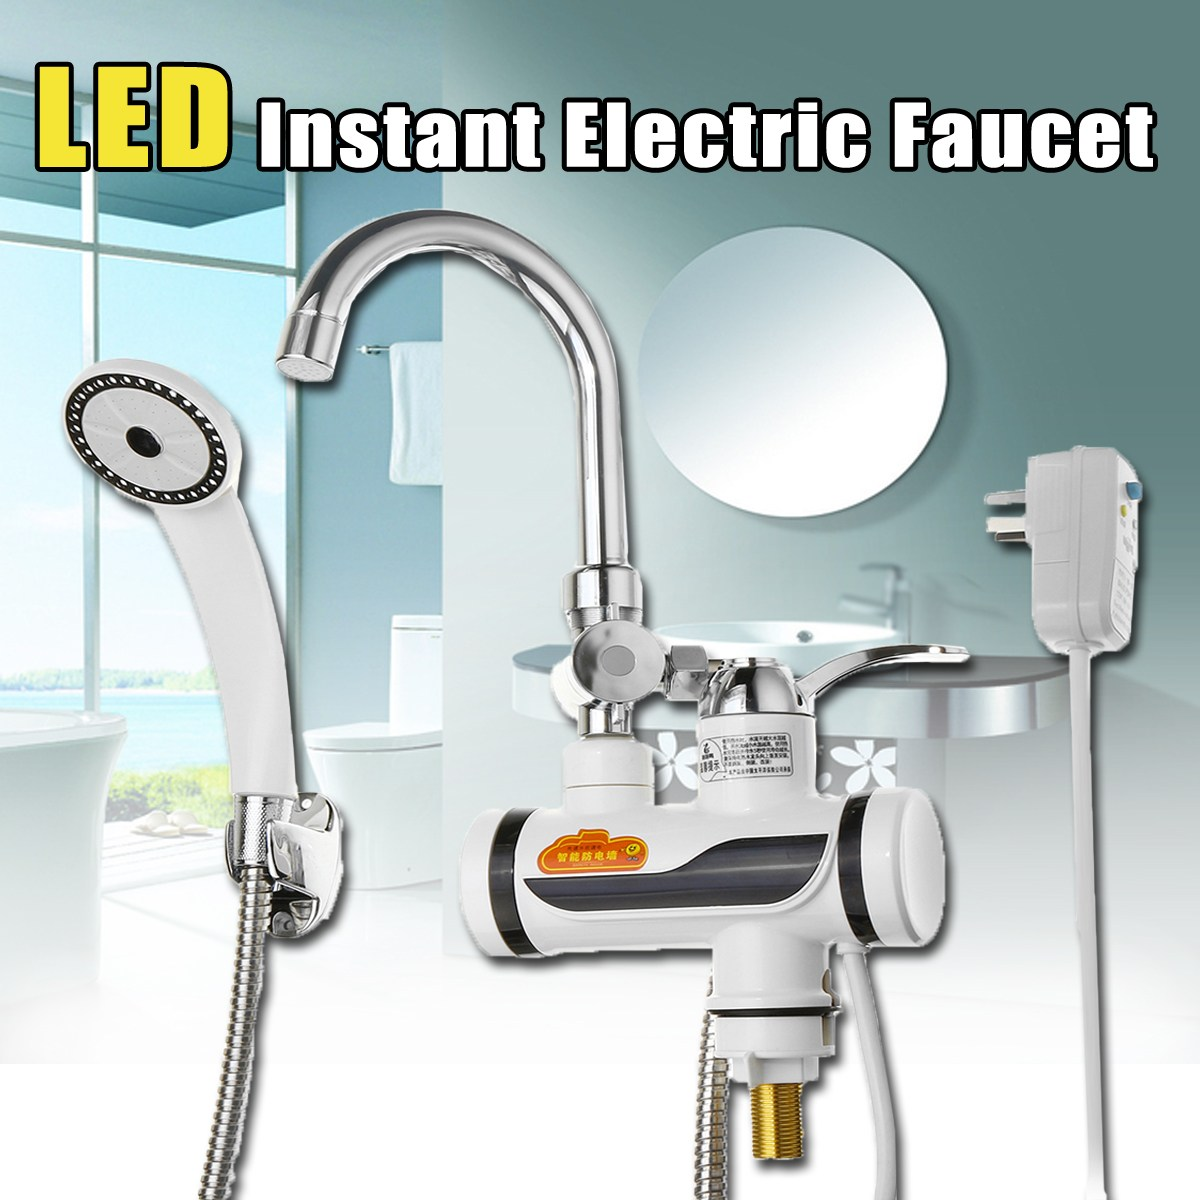 2000-3000 W 220 V cuisine LED chauffe-eau électrique instantané chauffage rapide robinet mitigeur chaud froid + douche + Protection contre les fuites